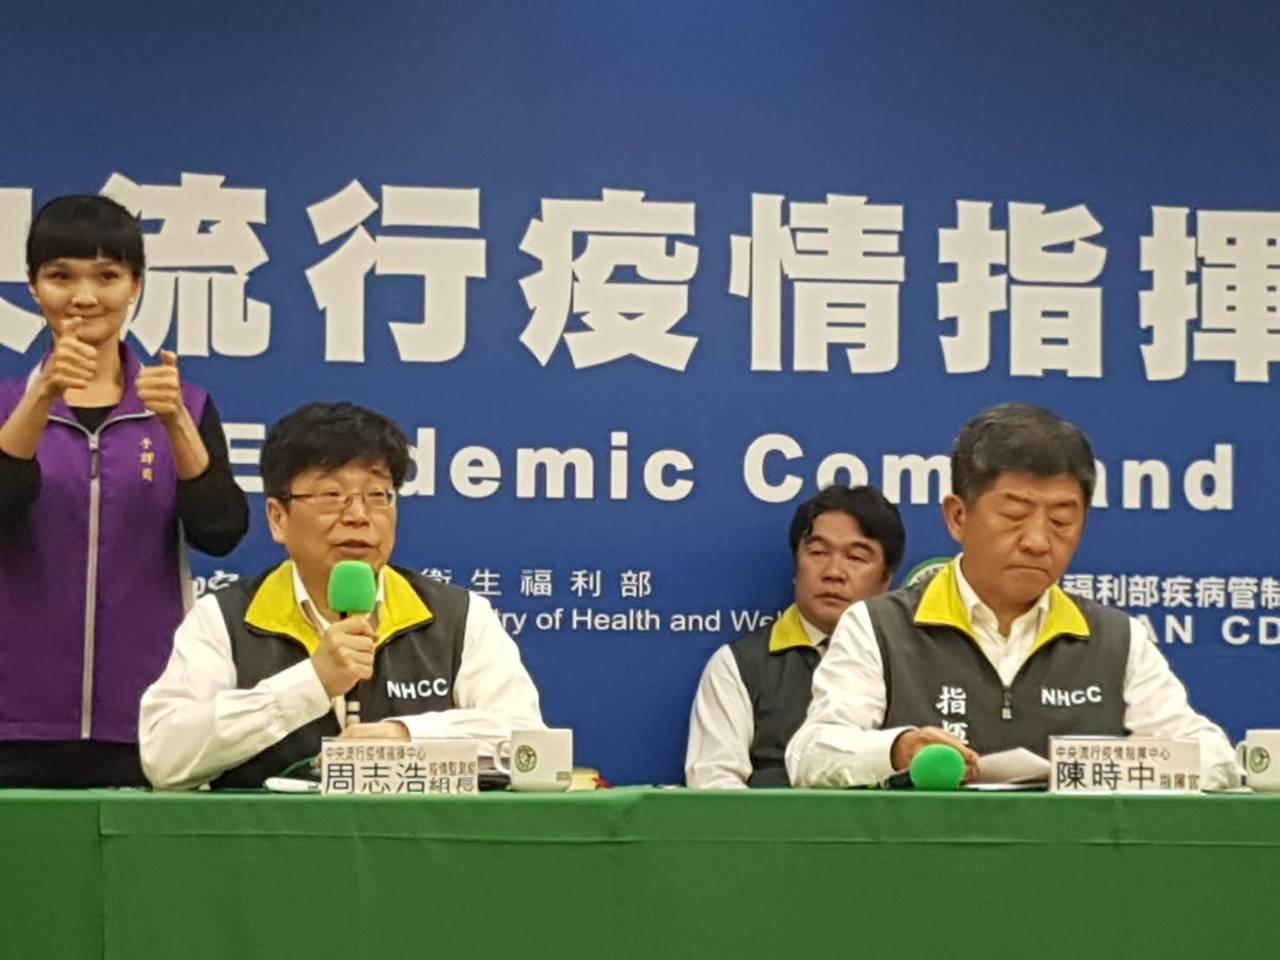 中央流行疫情指揮中心副指揮官陳宗彥表示,電子圍籬的誤差率不到1%,不像外傳那麼高;且有只剩4小時就居家檢疫期滿的民眾將手機關機,被警員查出來,開罰新台幣20萬元,呼籲民眾配合。記者楊雅棠/攝影